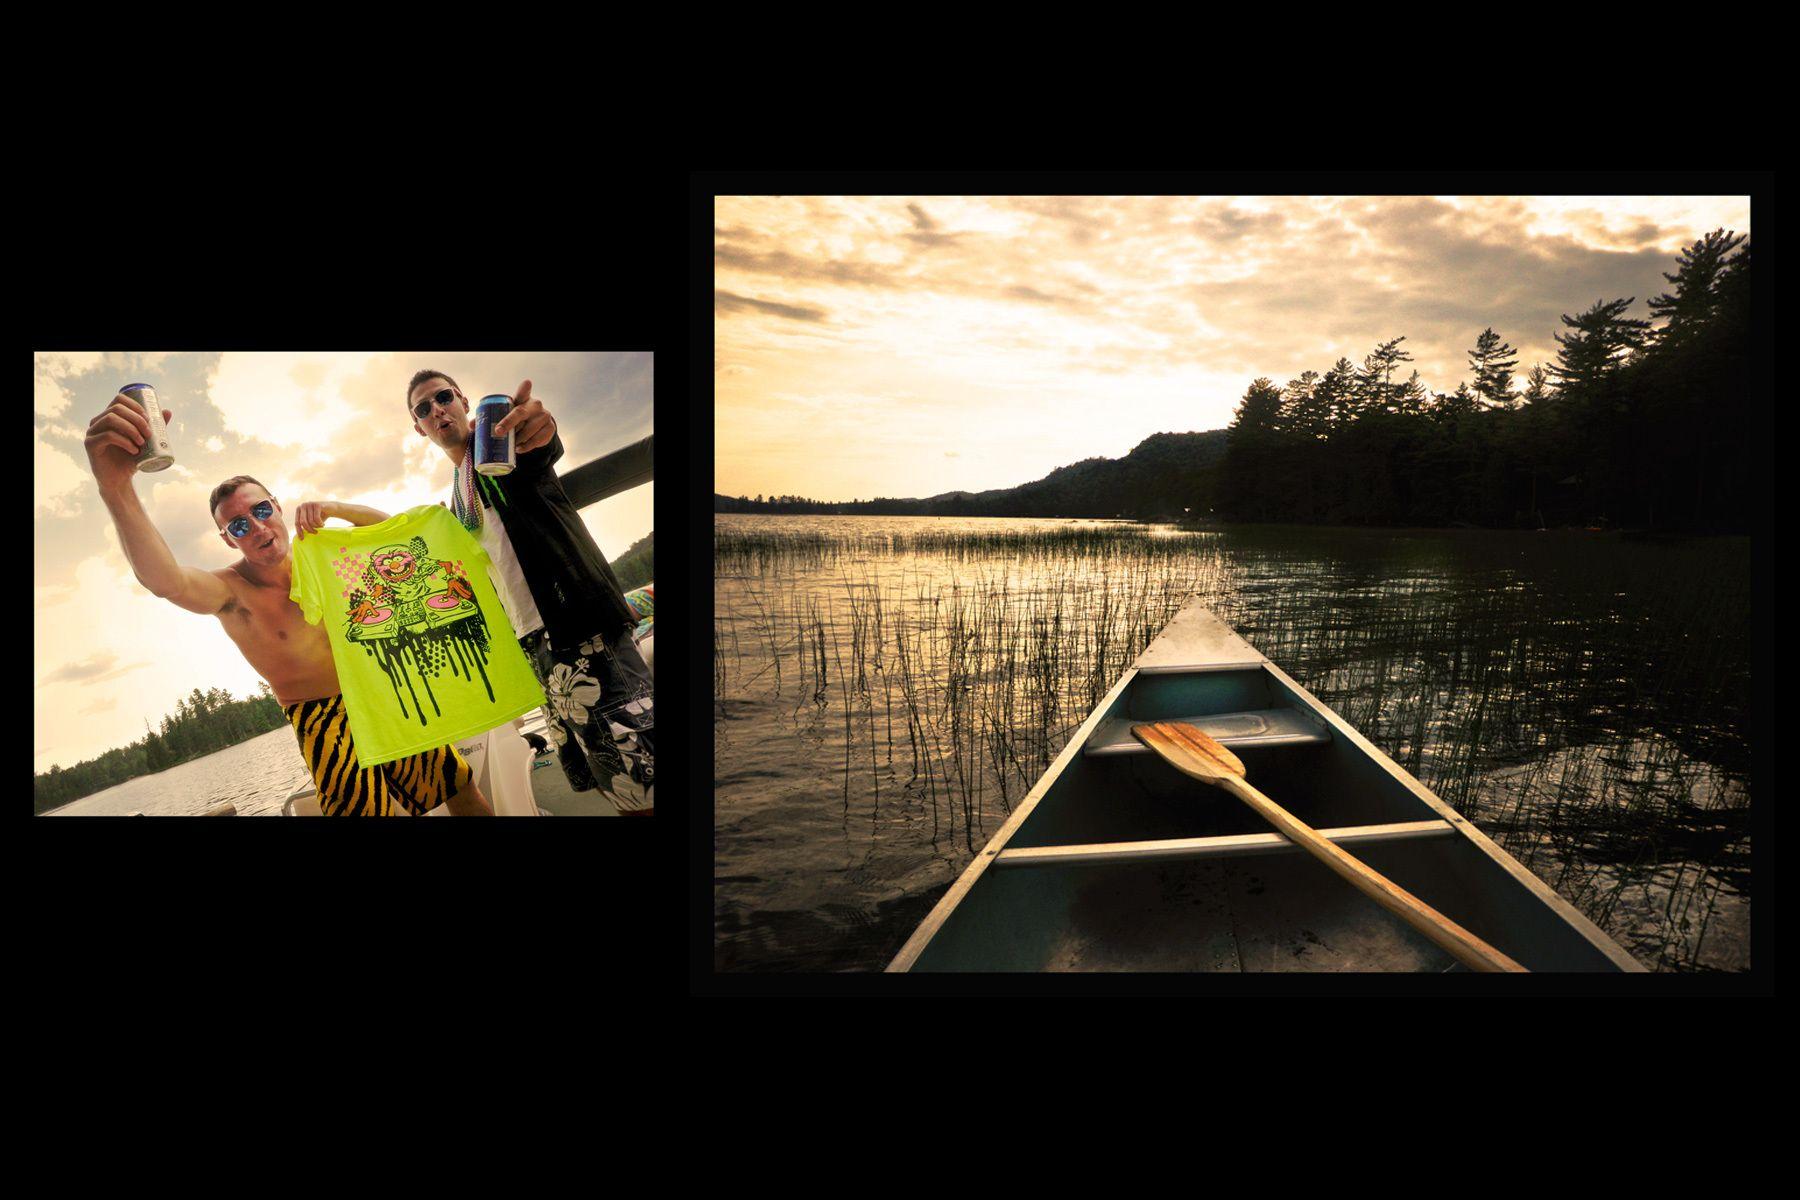 Adirondak lake culture